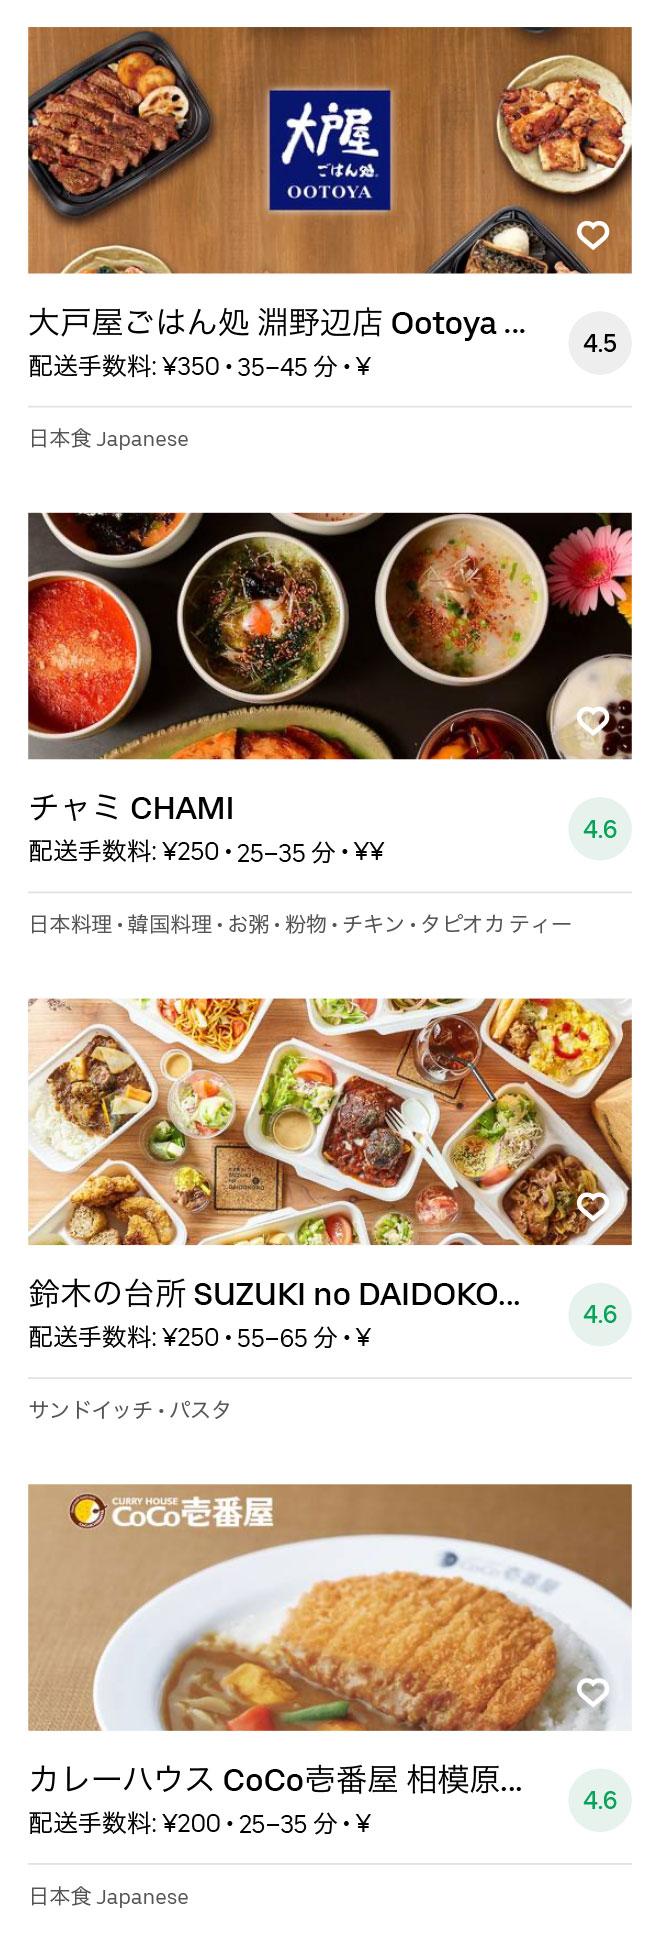 Sagamihara menu 2008 05